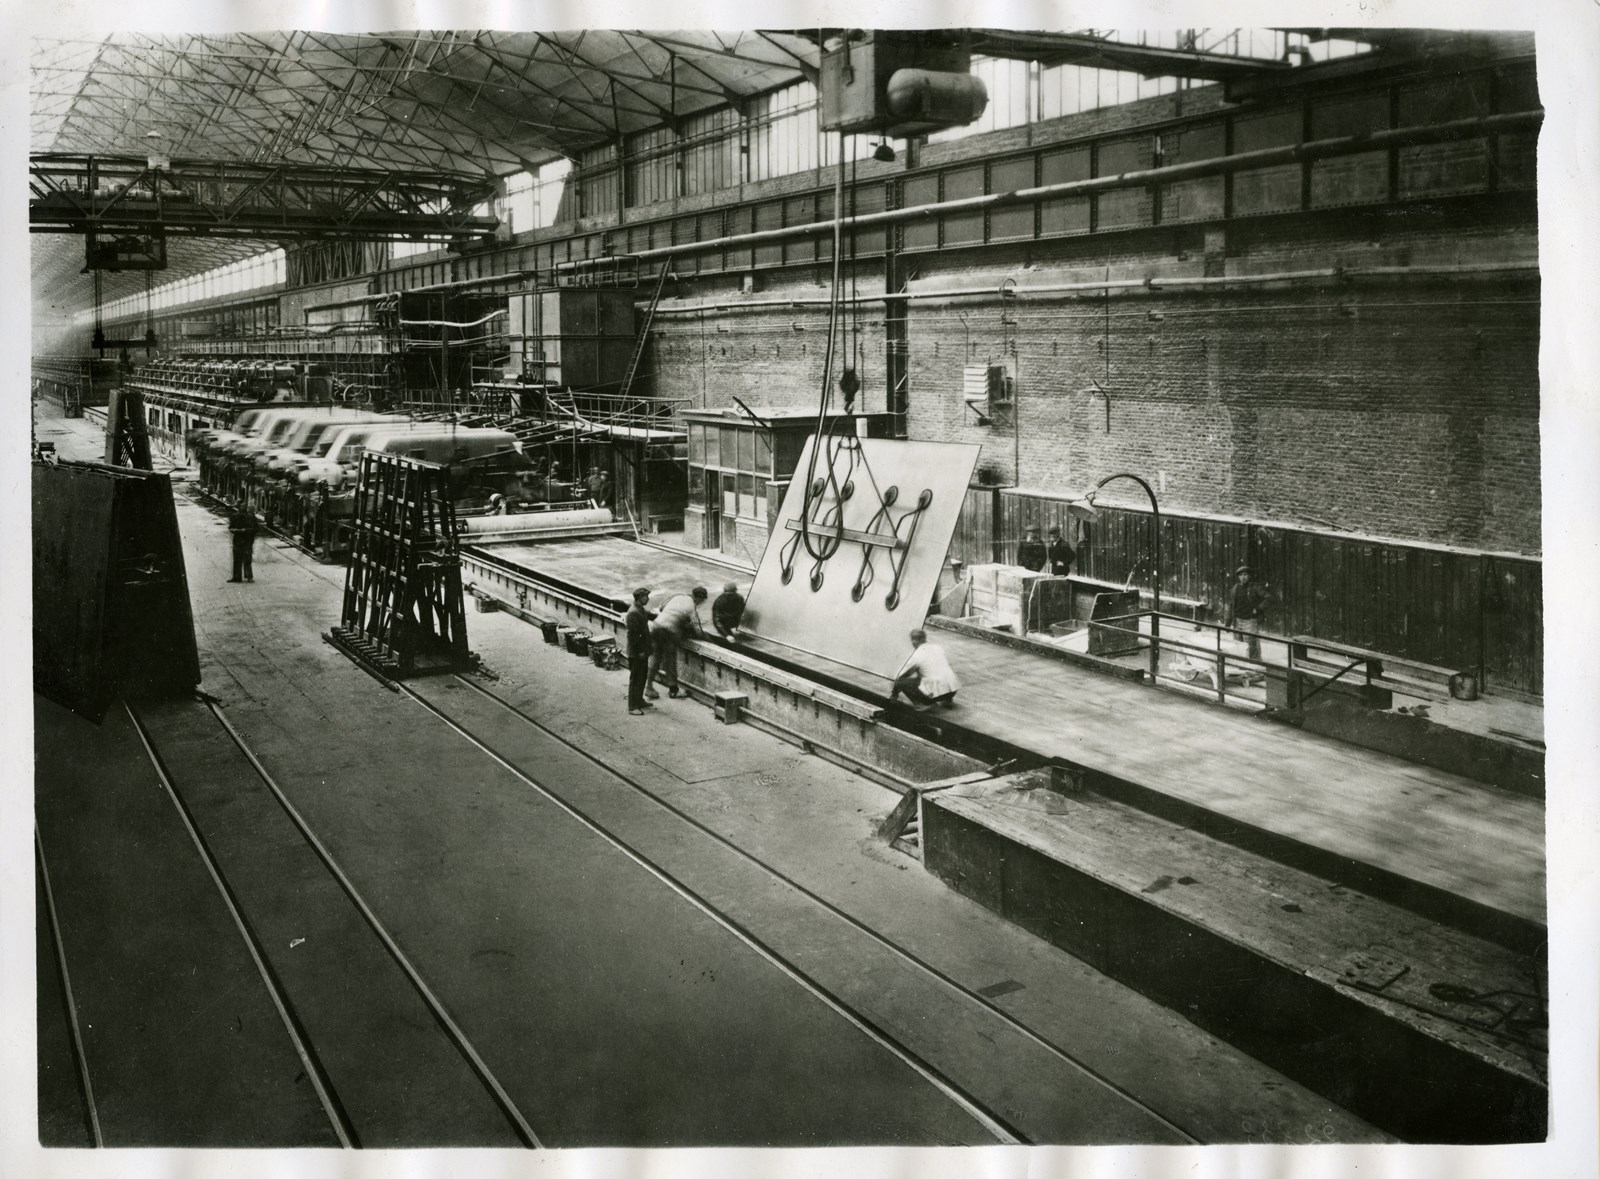 Manipulation d'une feuille de verre pour l'entreposage à la fin de la ligne de float, Glaceries de Moustiers-sur-Sambre, vers 1960